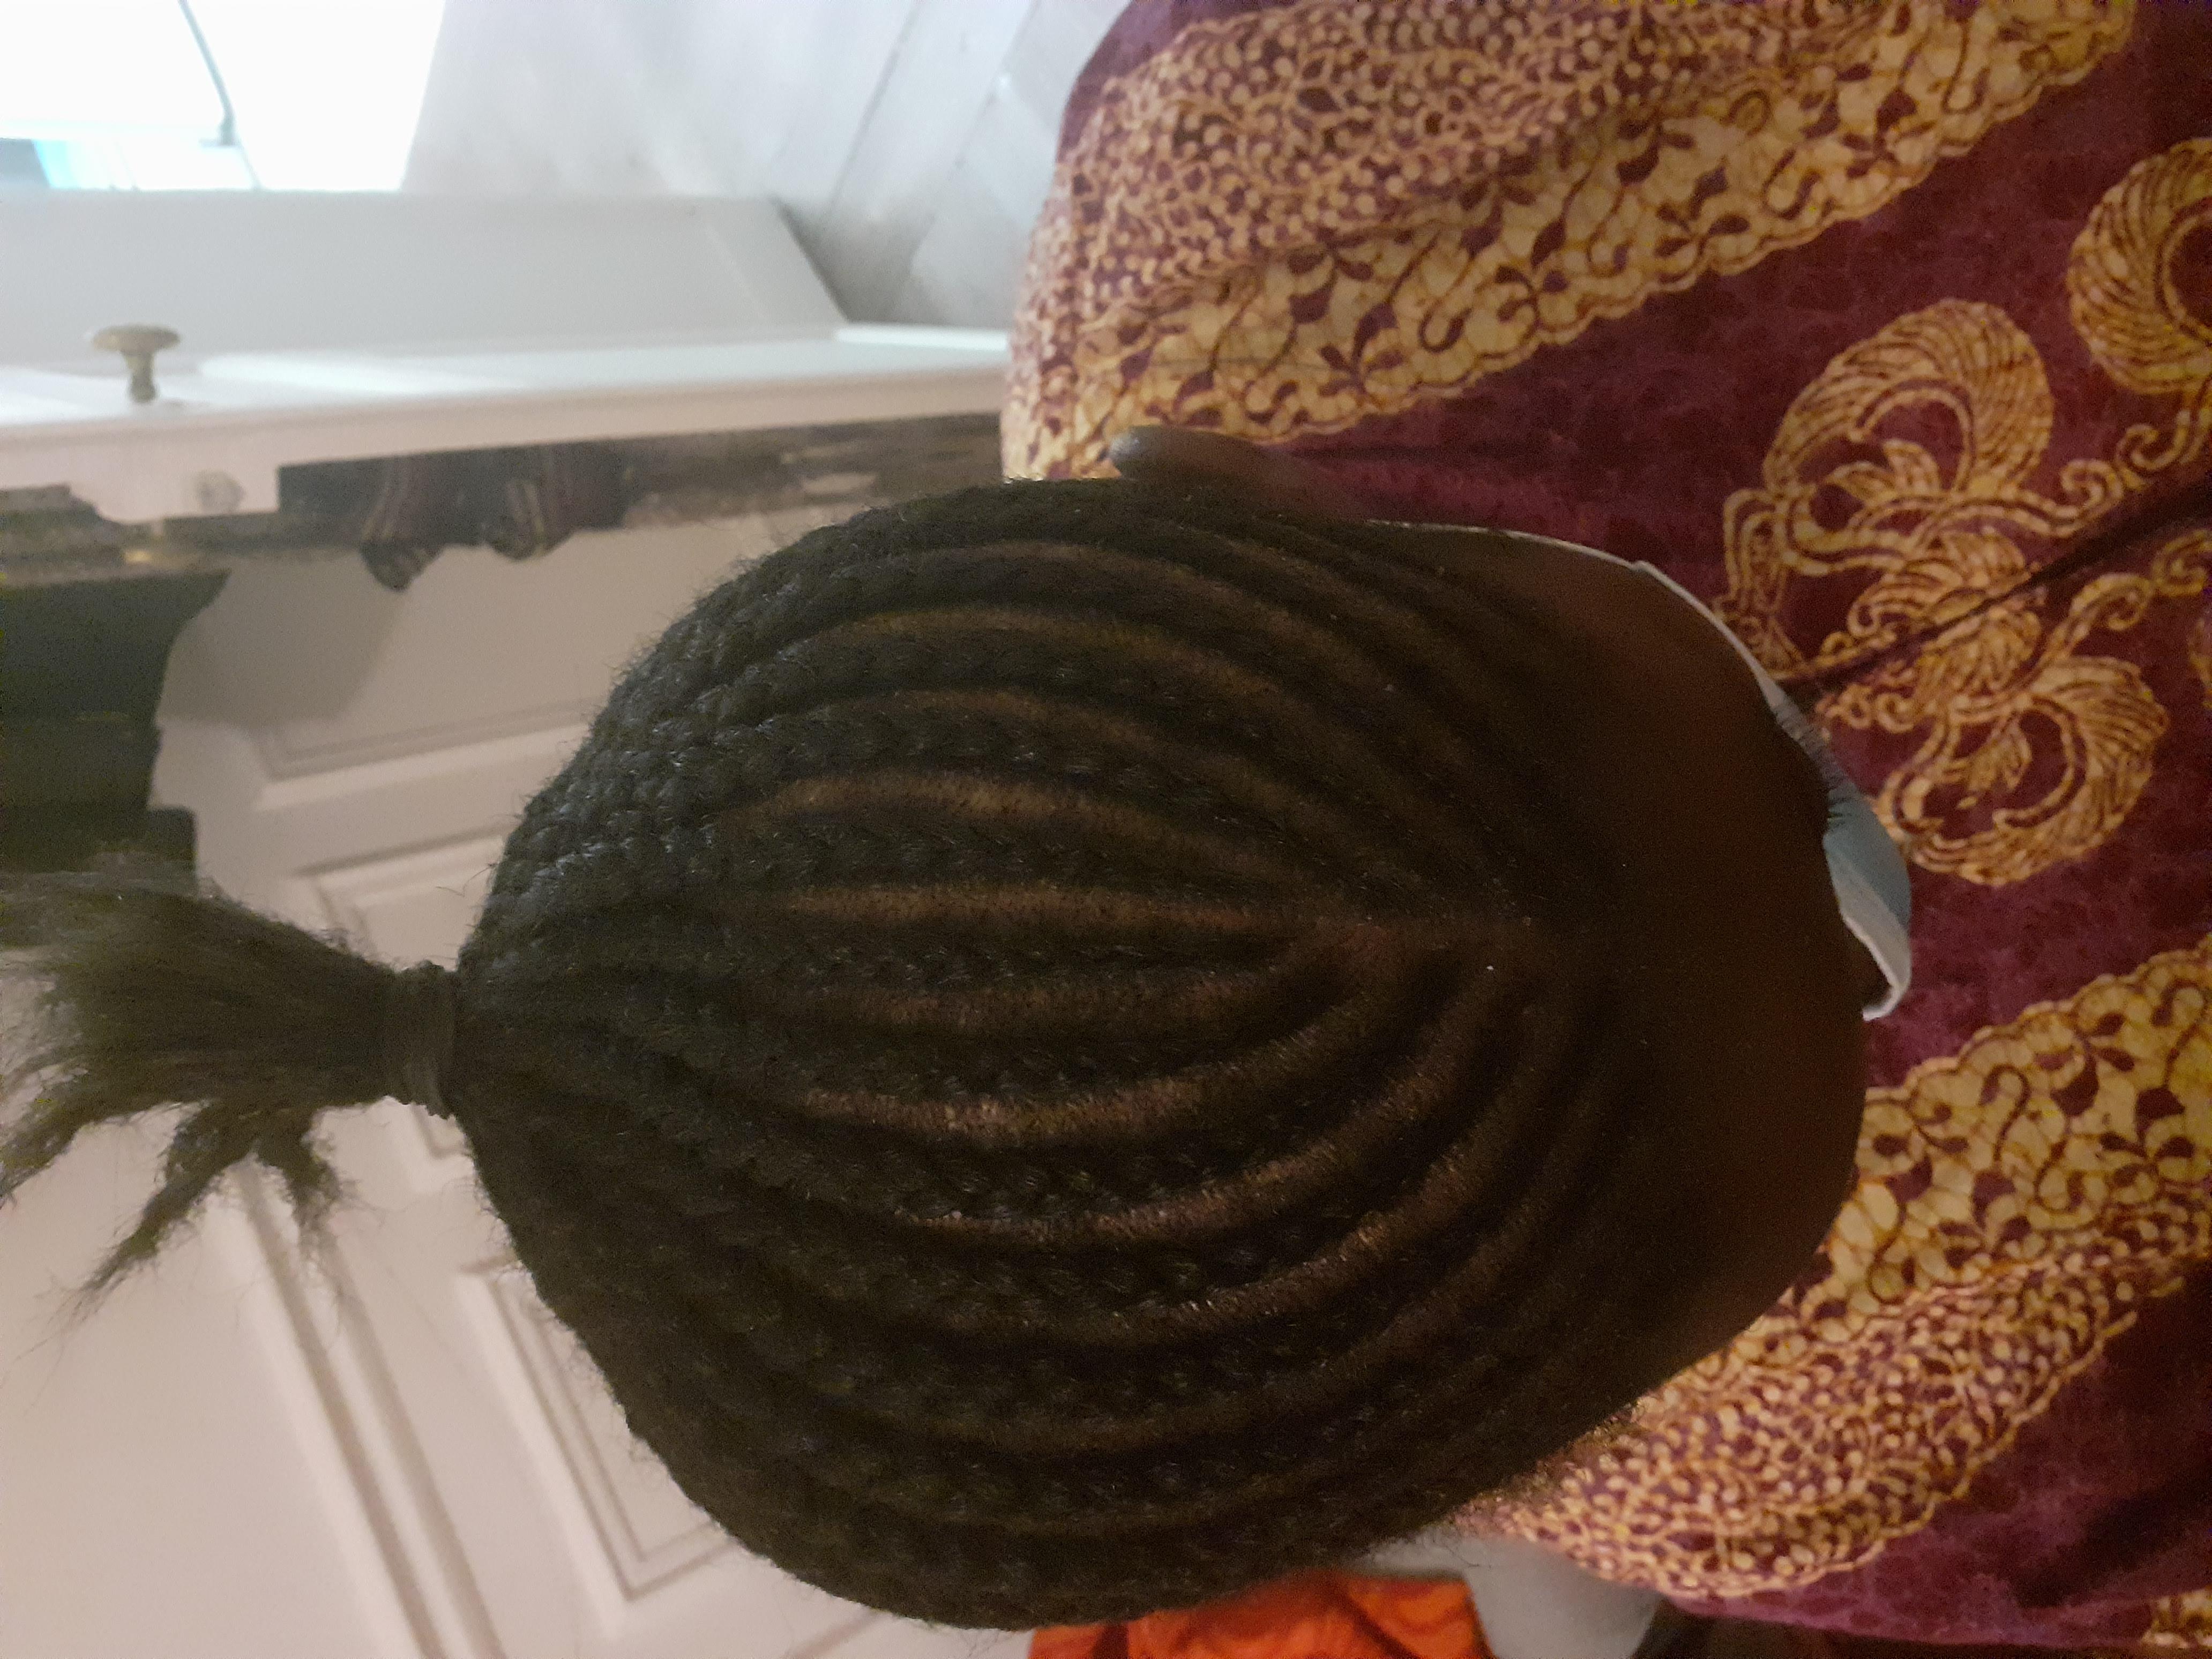 salon de coiffure afro tresse tresses box braids crochet braids vanilles tissages paris 75 77 78 91 92 93 94 95 ZFIJDMQZ